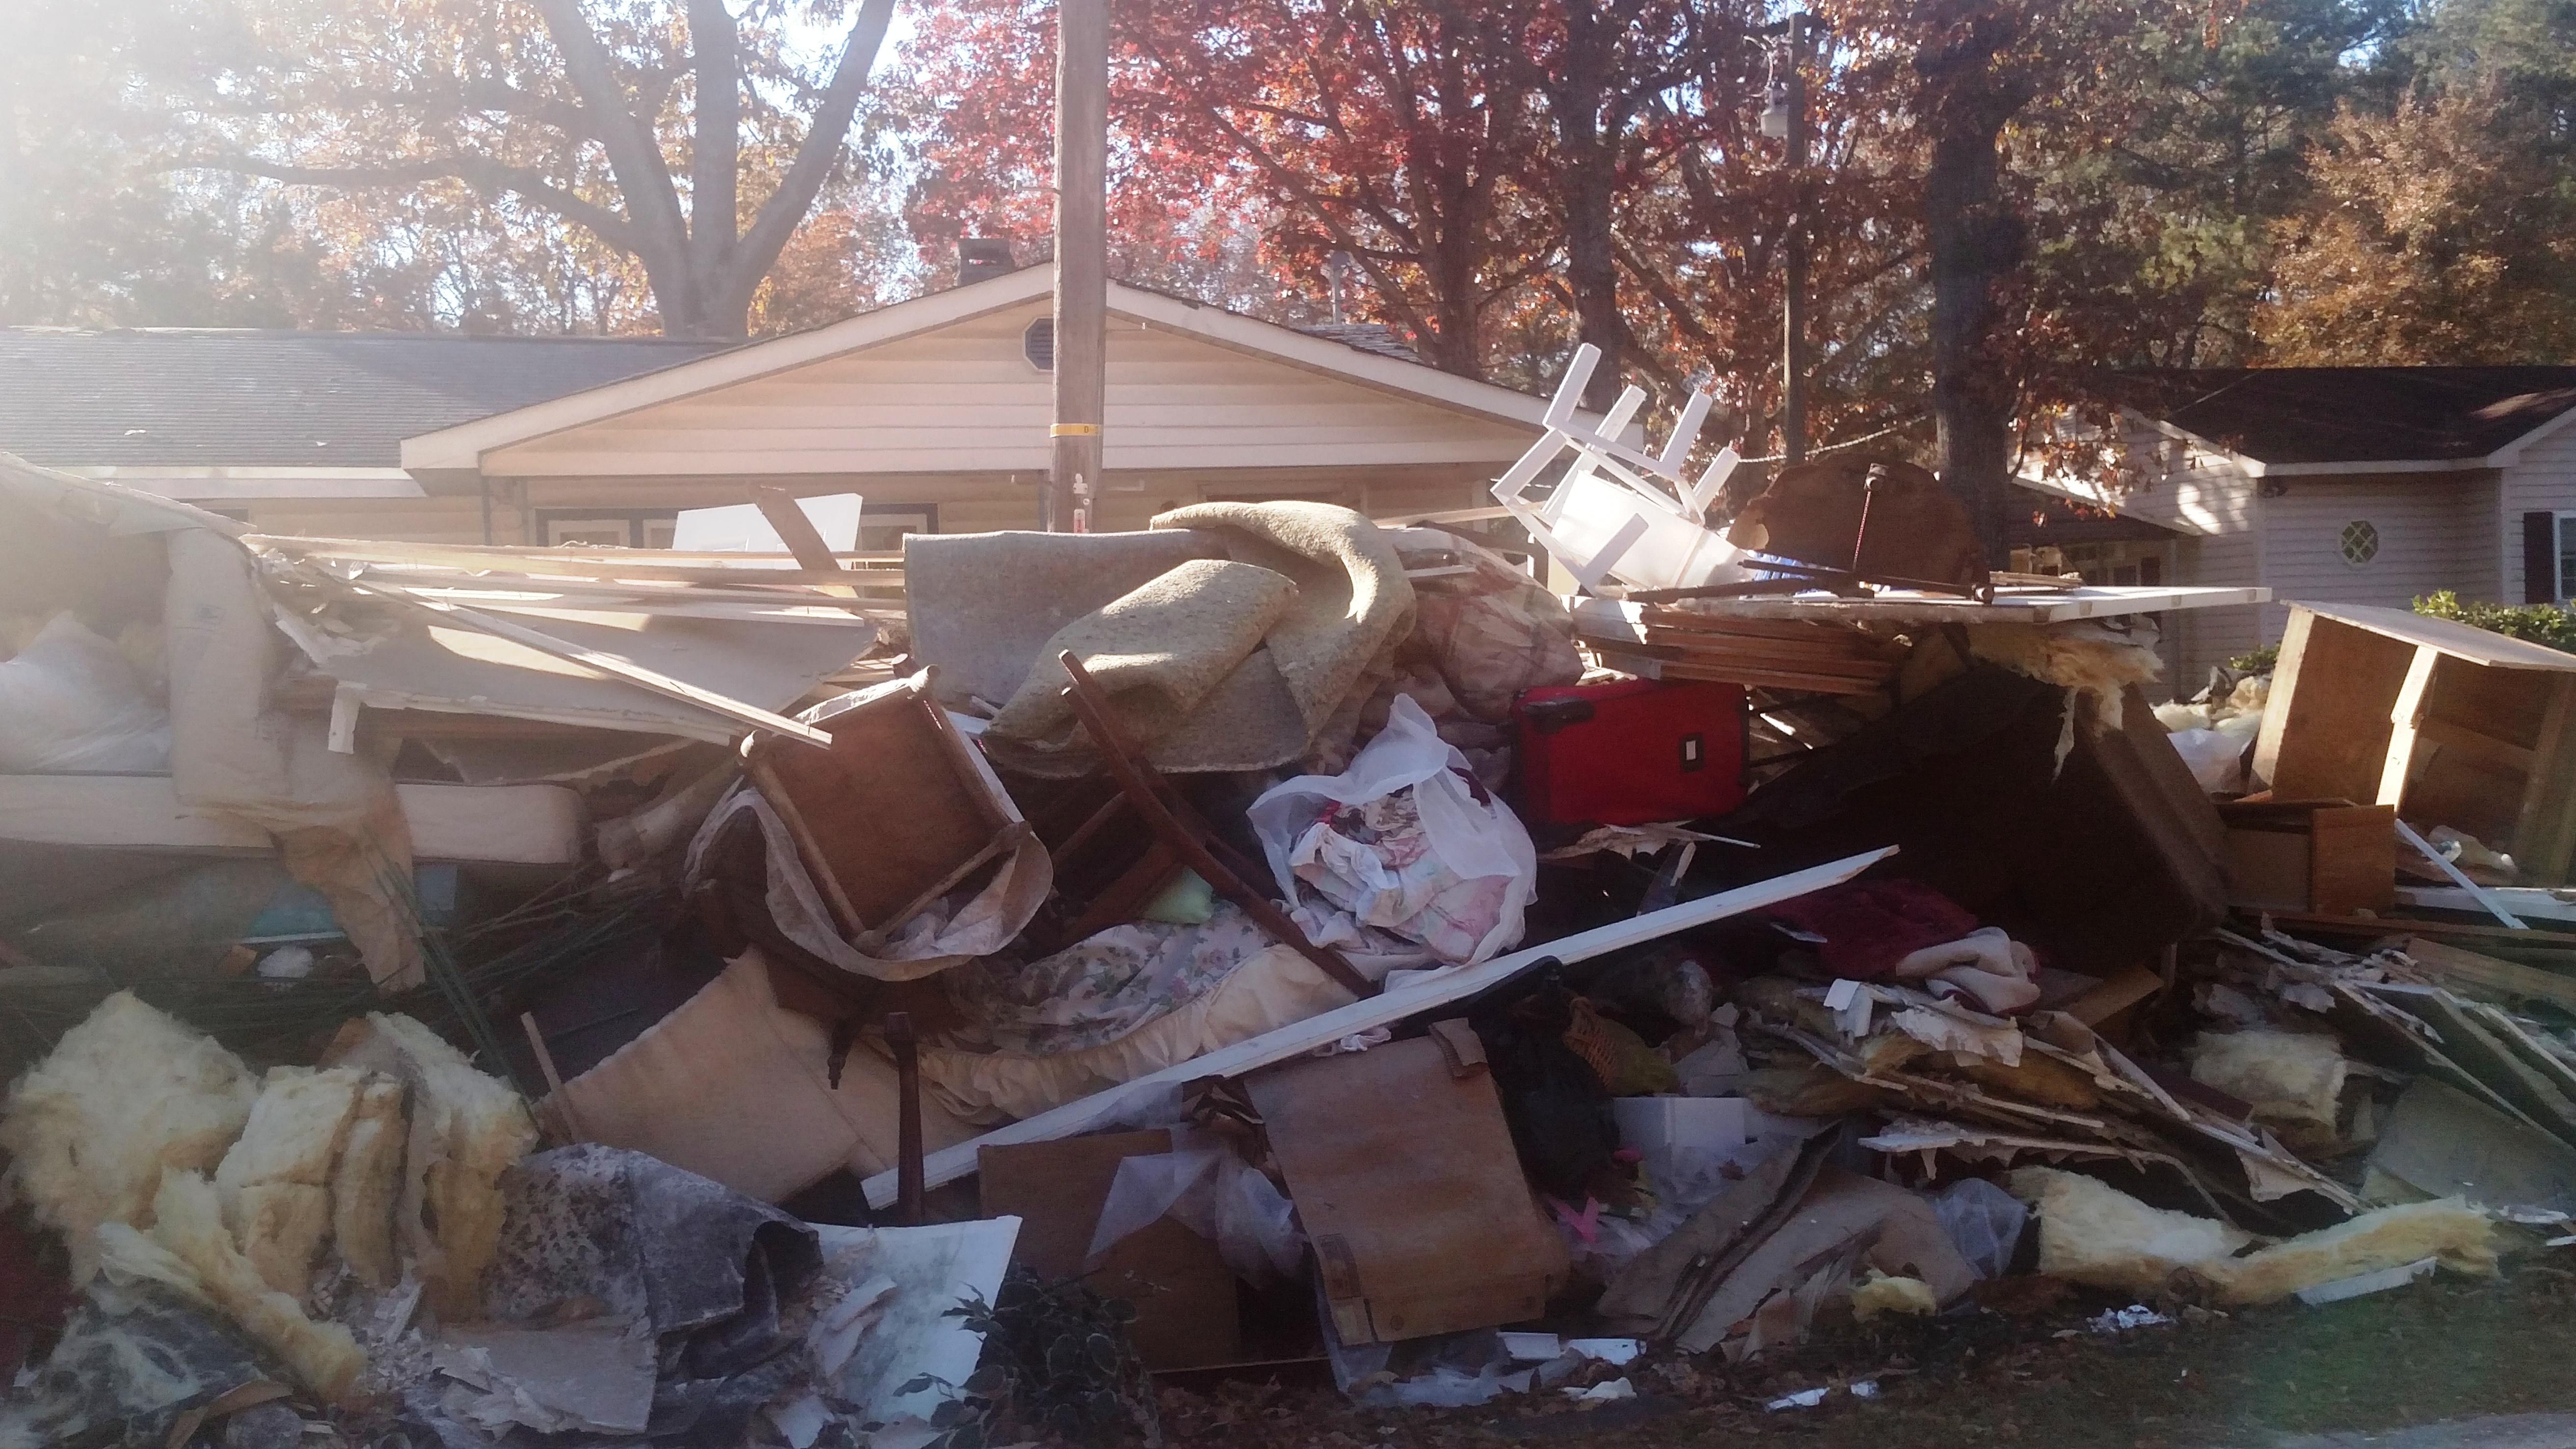 Ruined_belongings_Princeville_NC.jpg